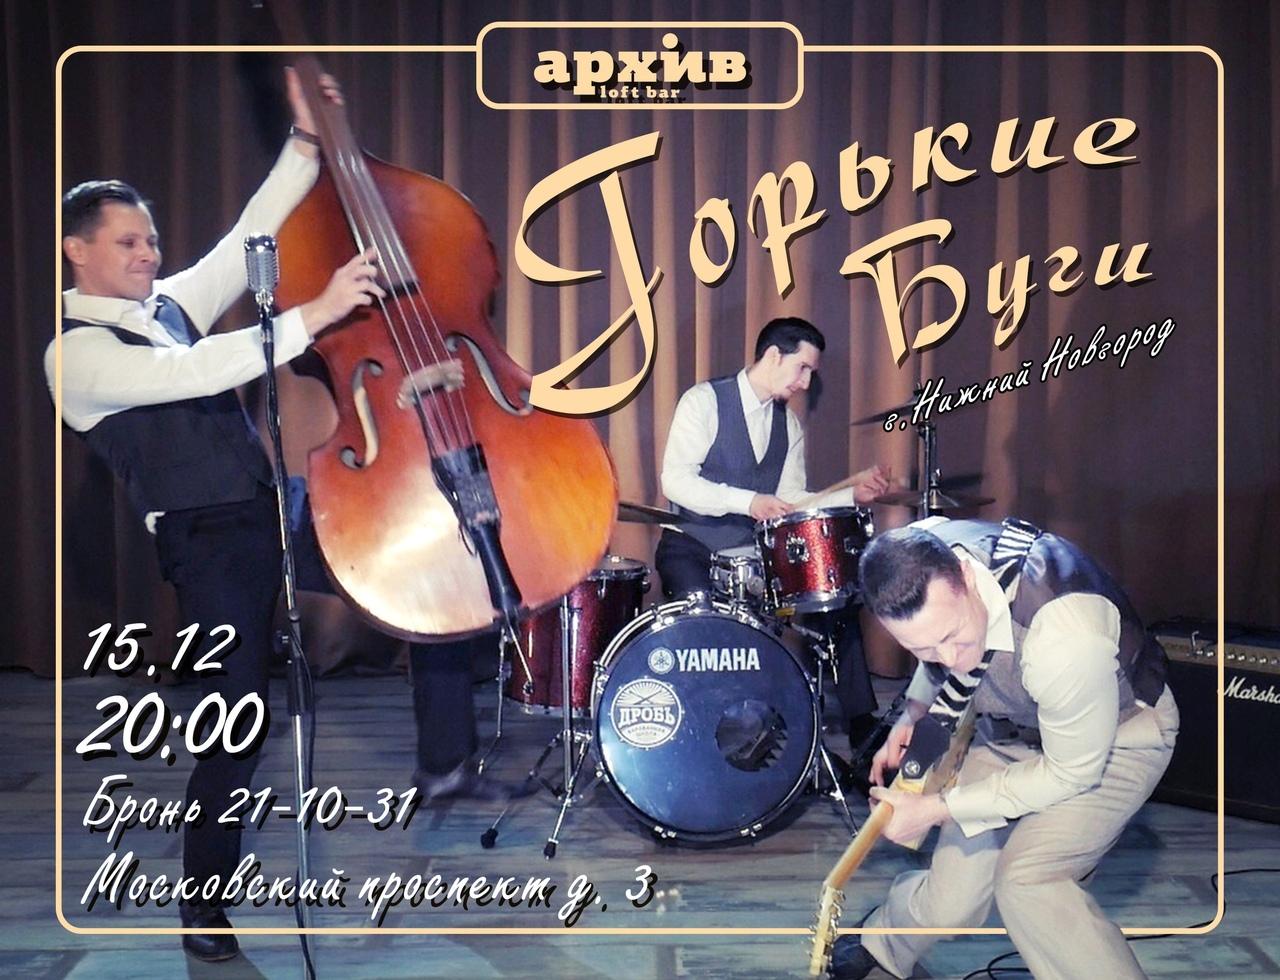 15.12 Горькие Буги в баре Архив!